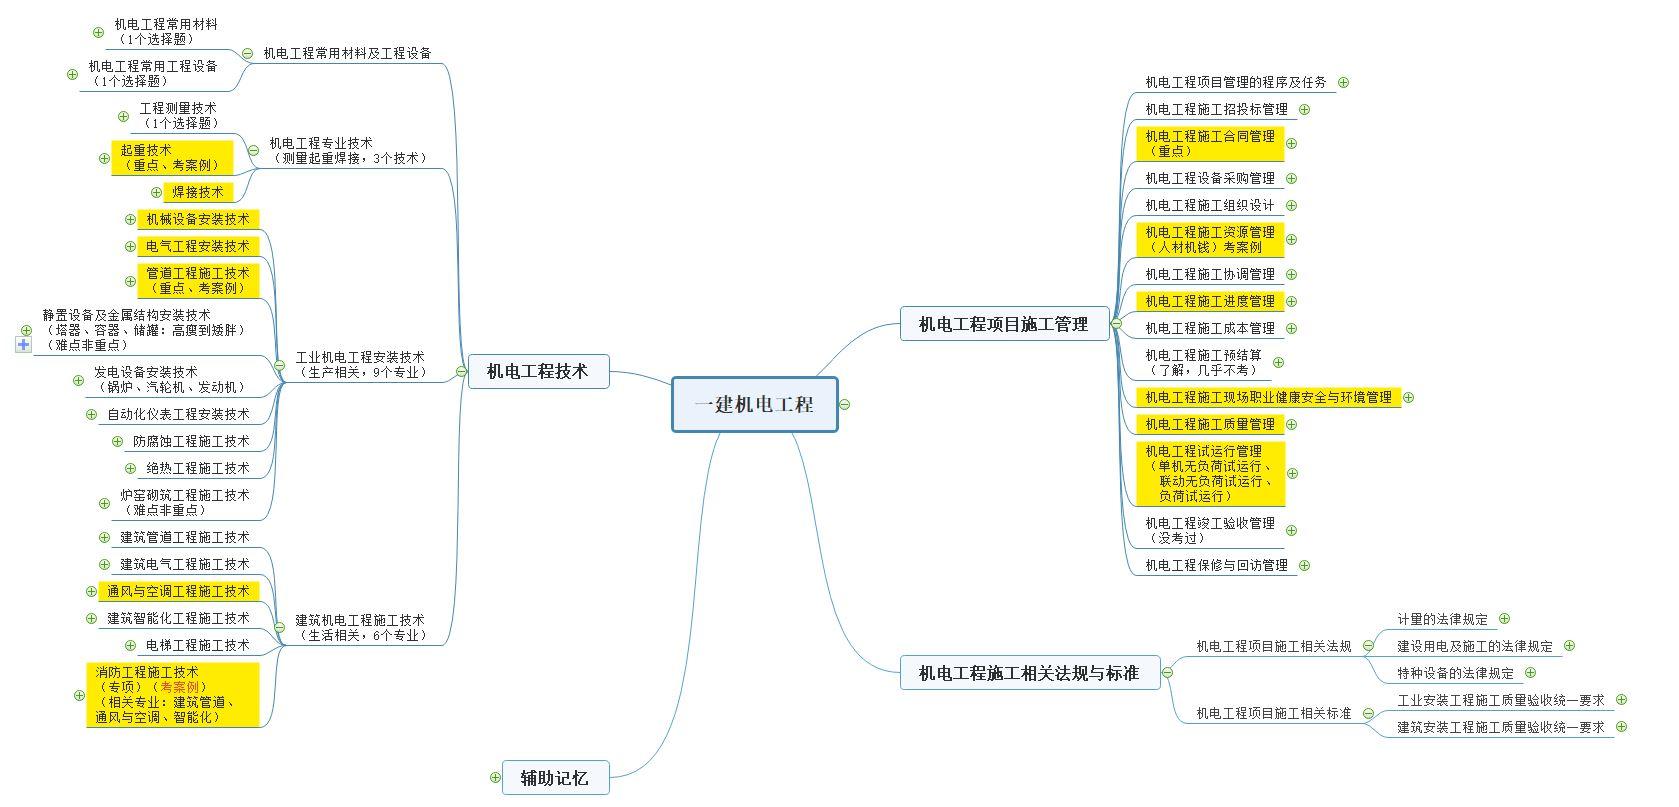 一建机电工程思维导图1H412010 工程测量技术